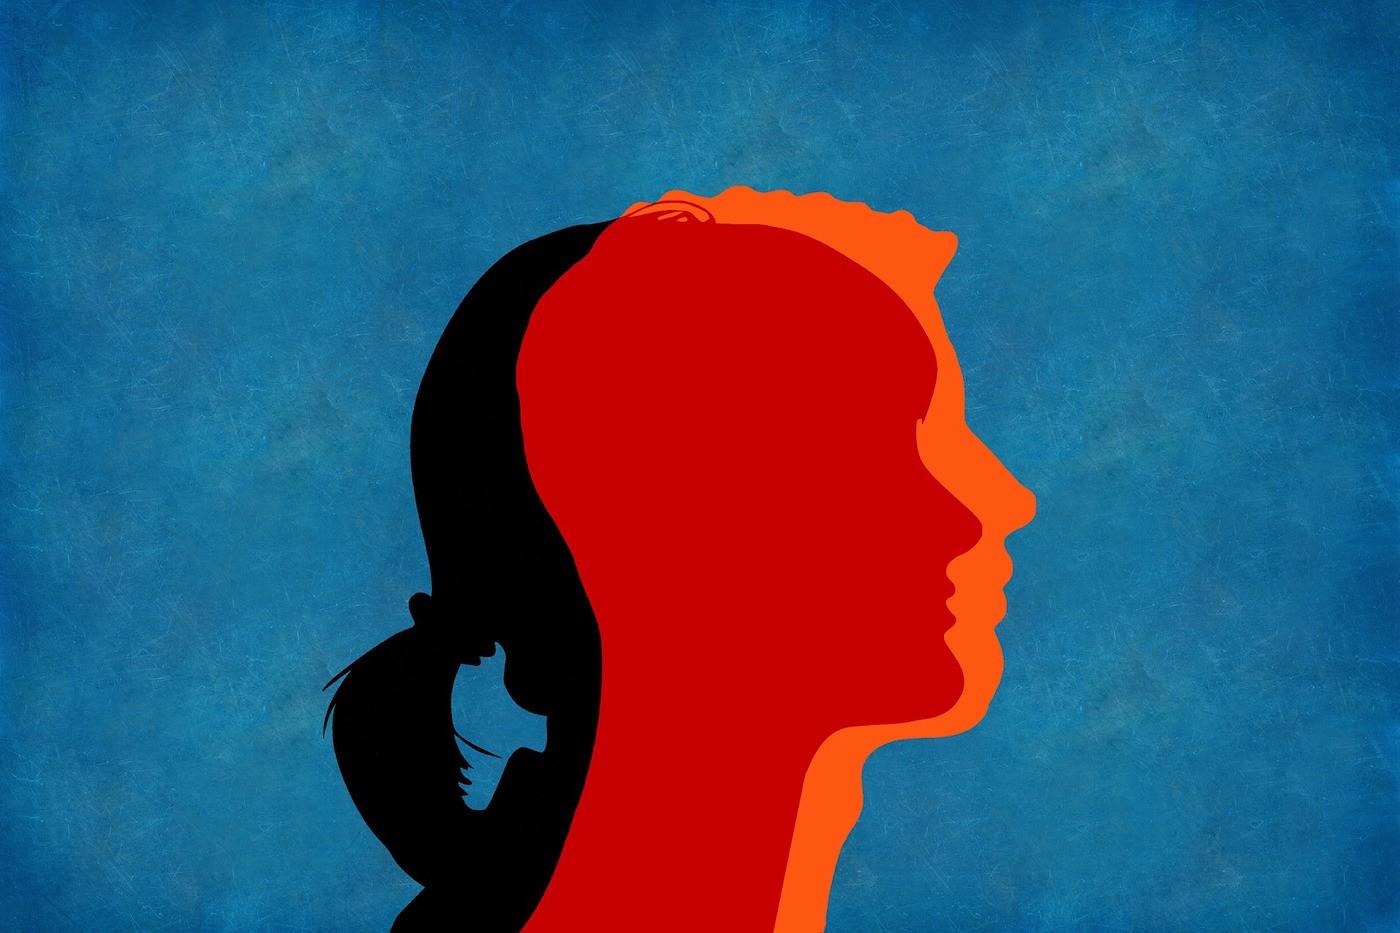 Kasus Ferdian, Masih Adanya Stigma pada Kelompok Transpuan